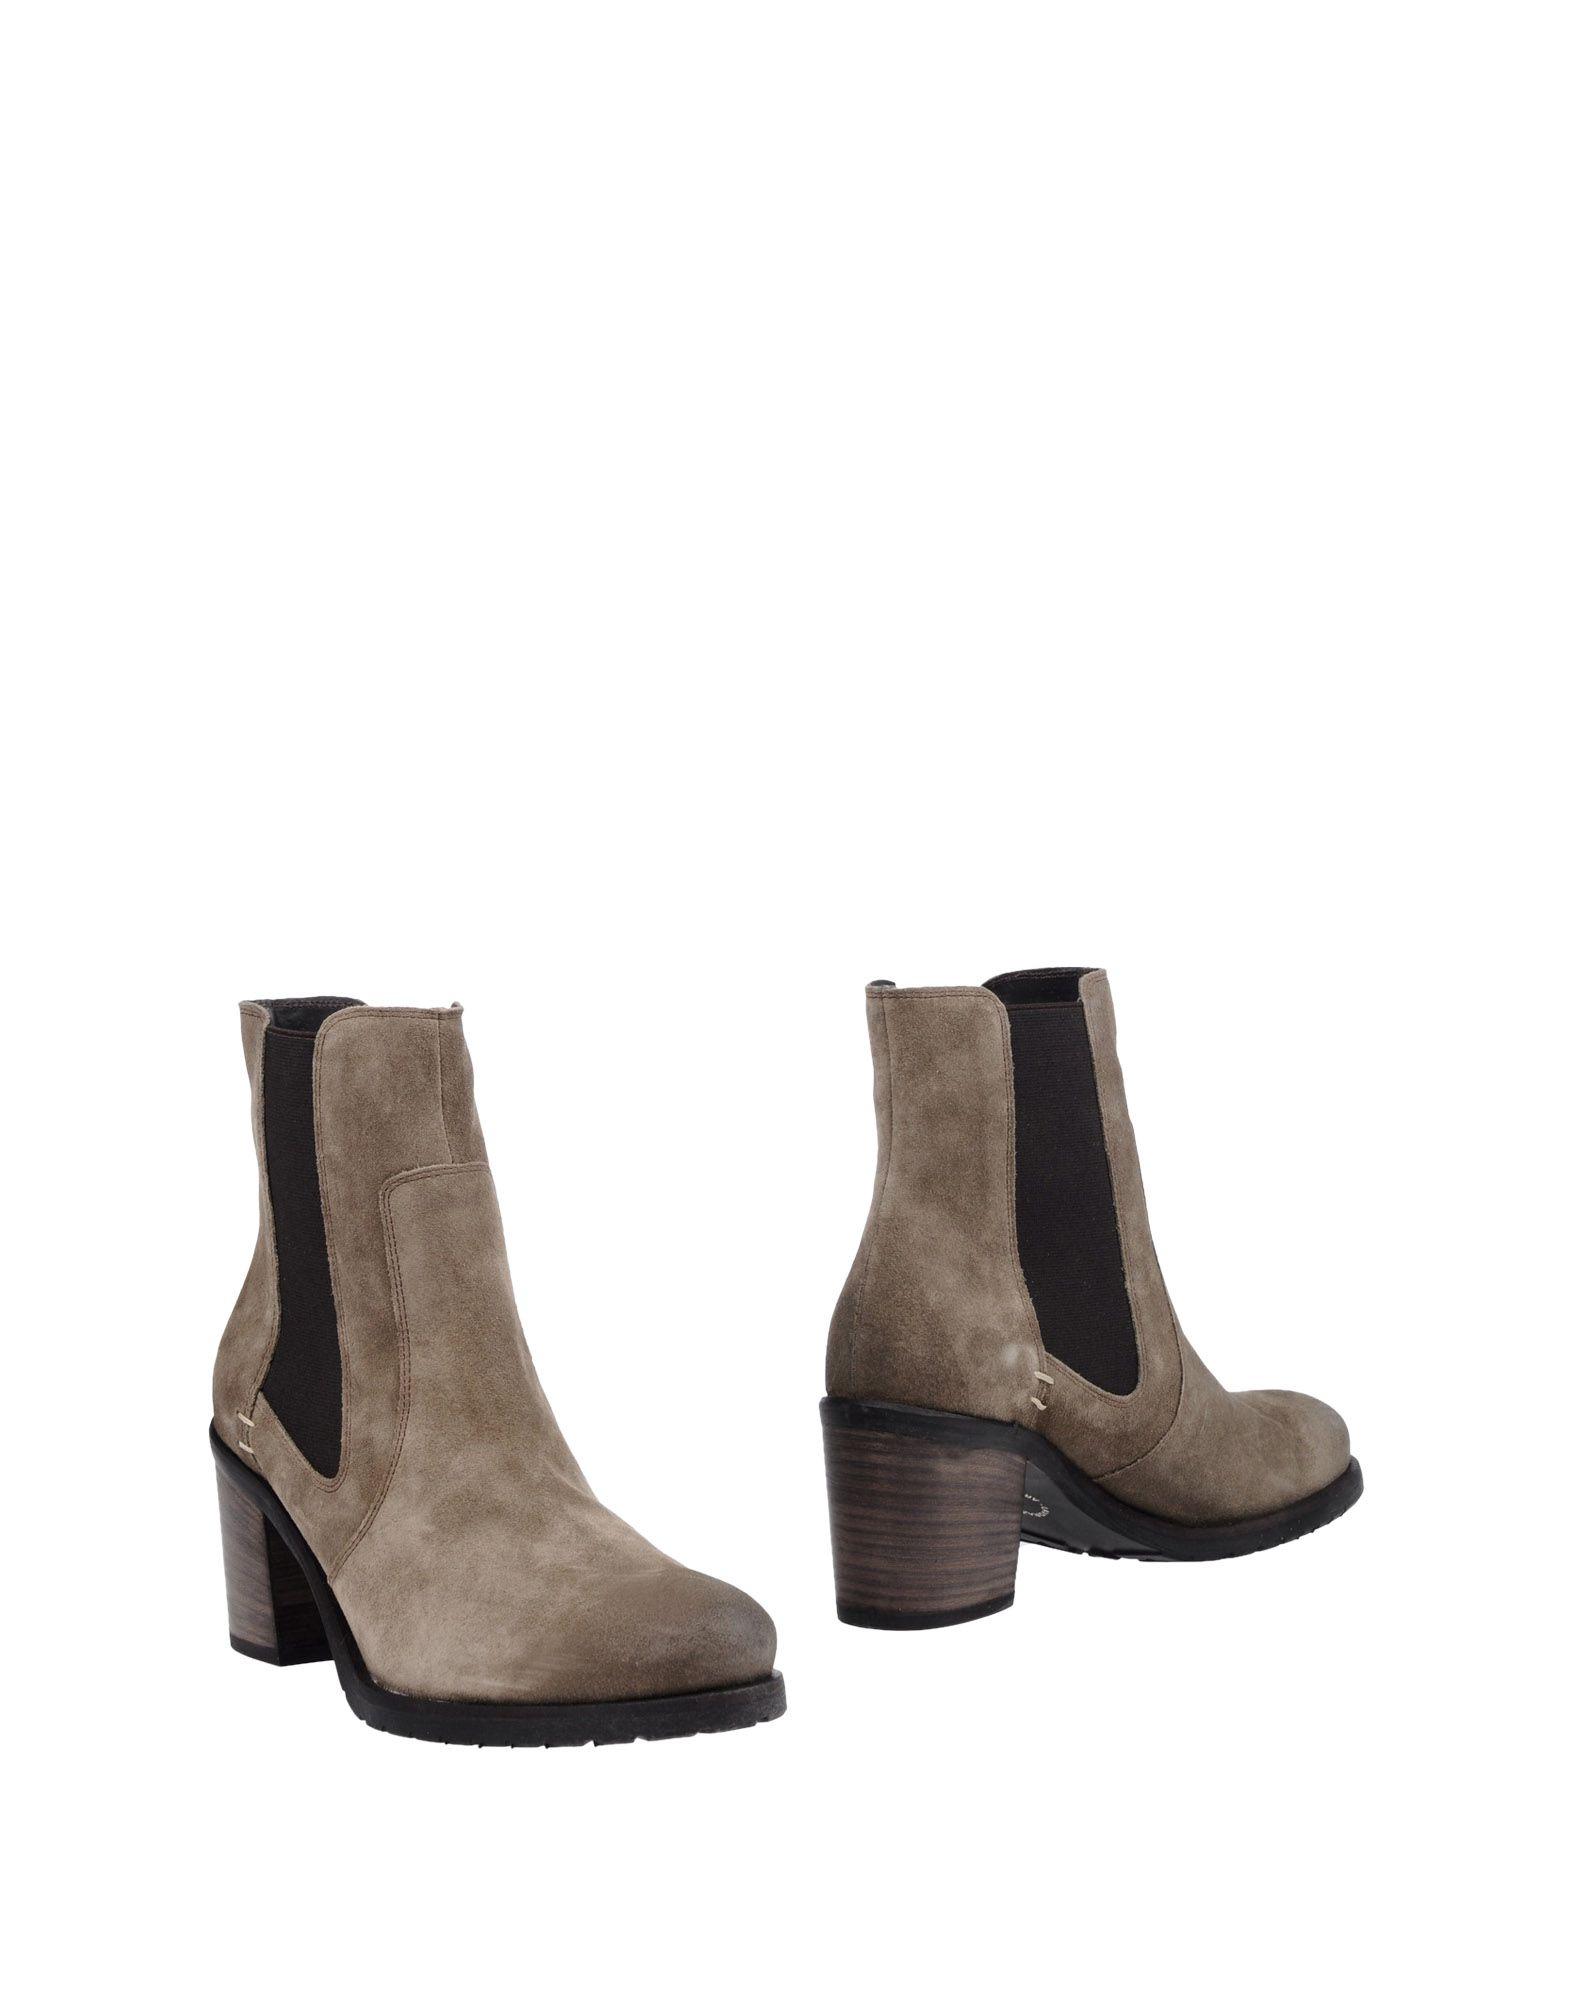 Moda Stivaletti Bagatt Donna - 11283125IJ 11283125IJ - e3036c